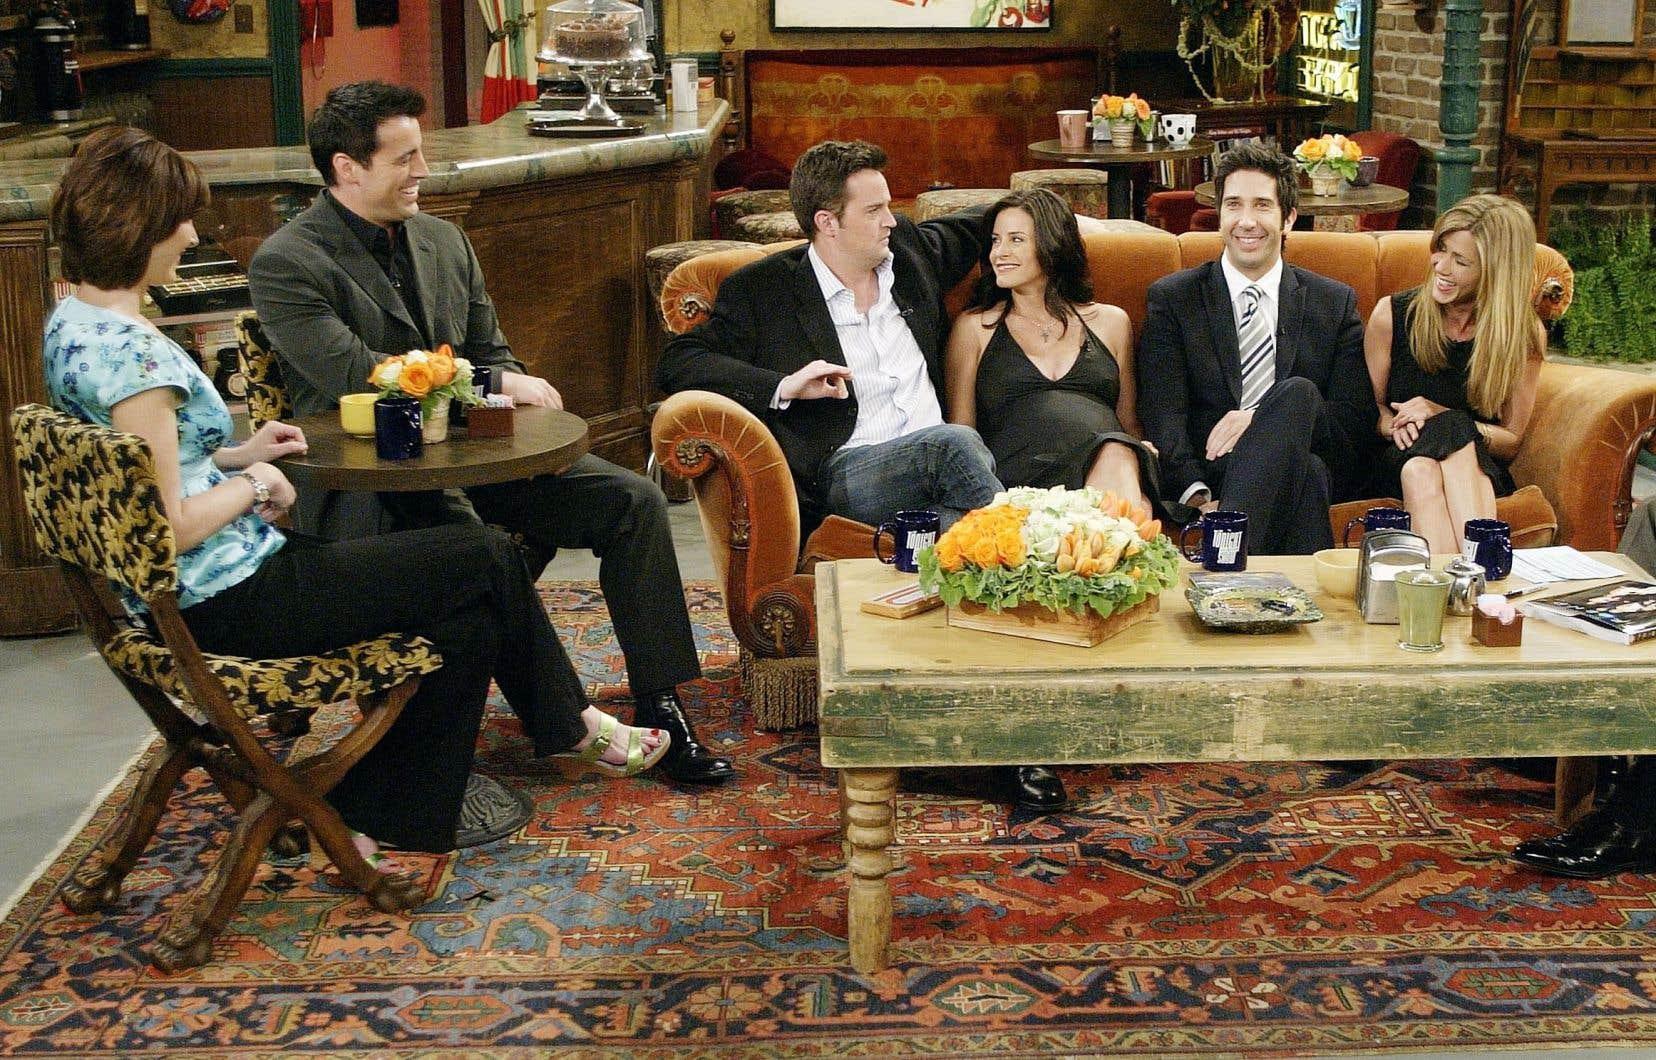 L'épisode sera tourné dans les studios Warner Bros originels de la série, à Burbank, près d'Hollywood.